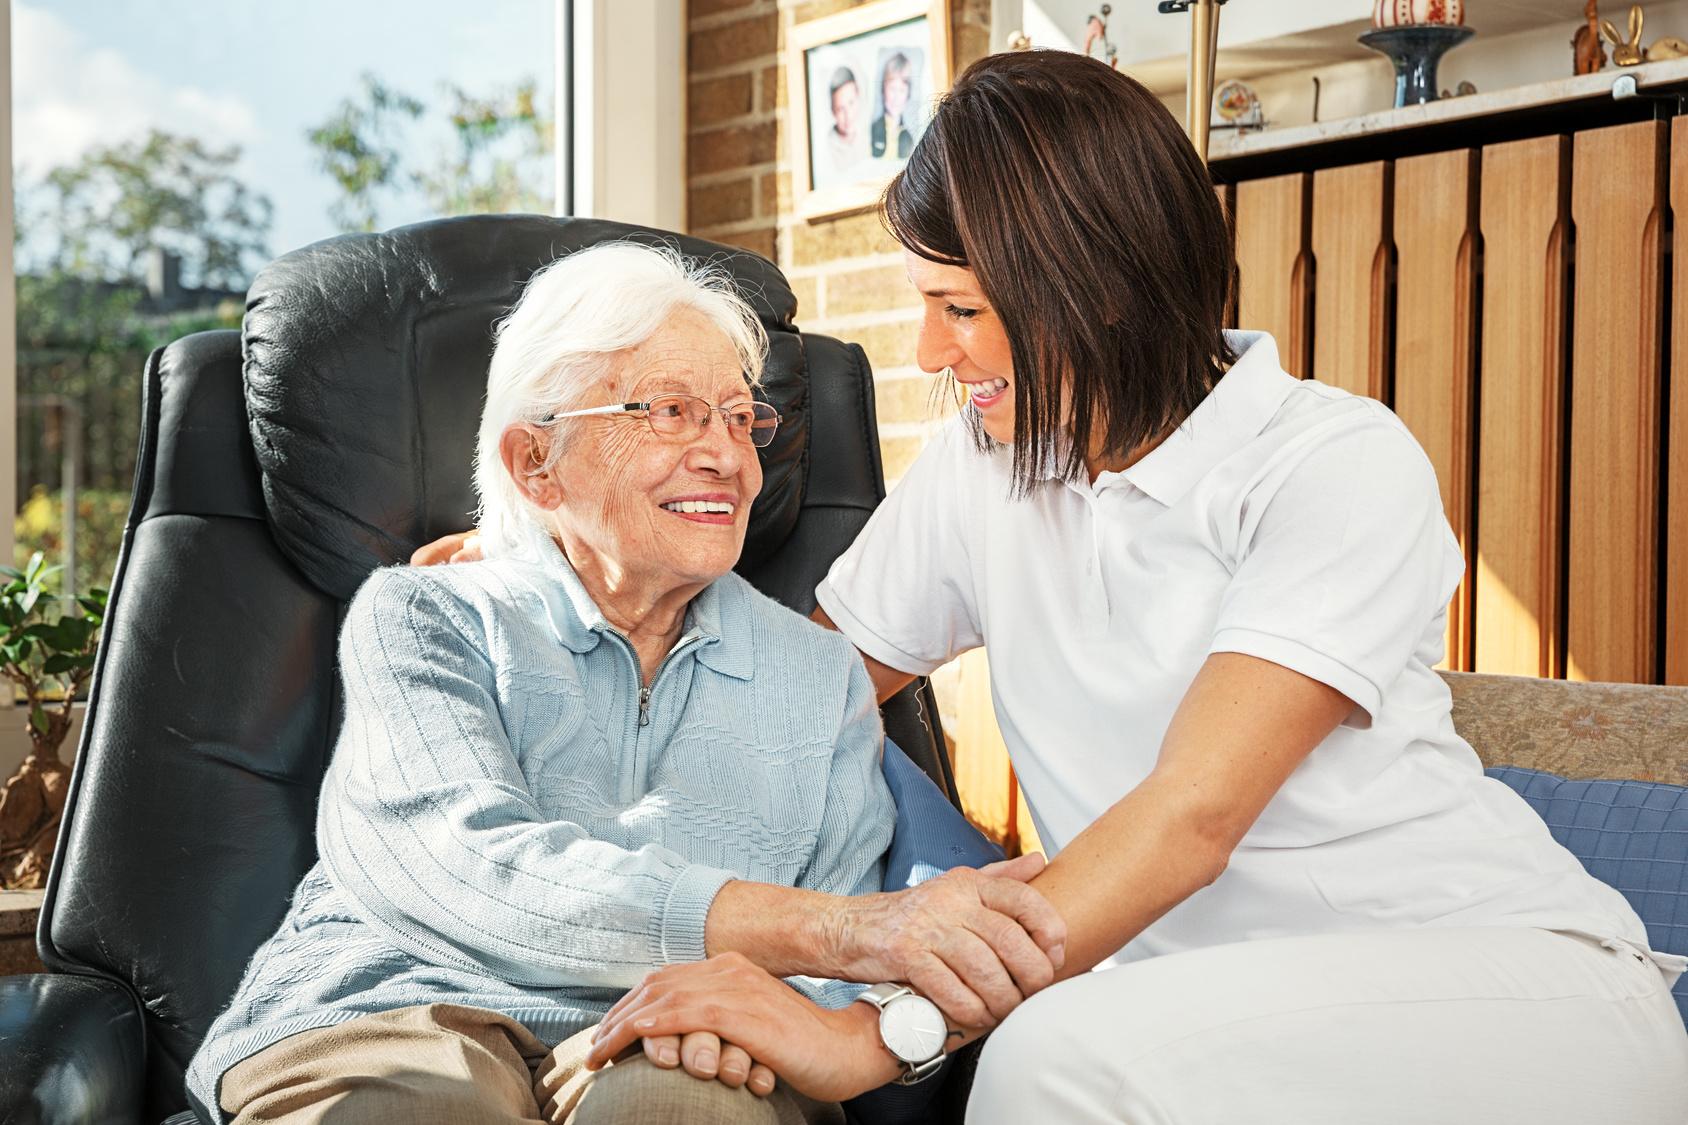 Pflegerin-sitzt-bei-Seniorin